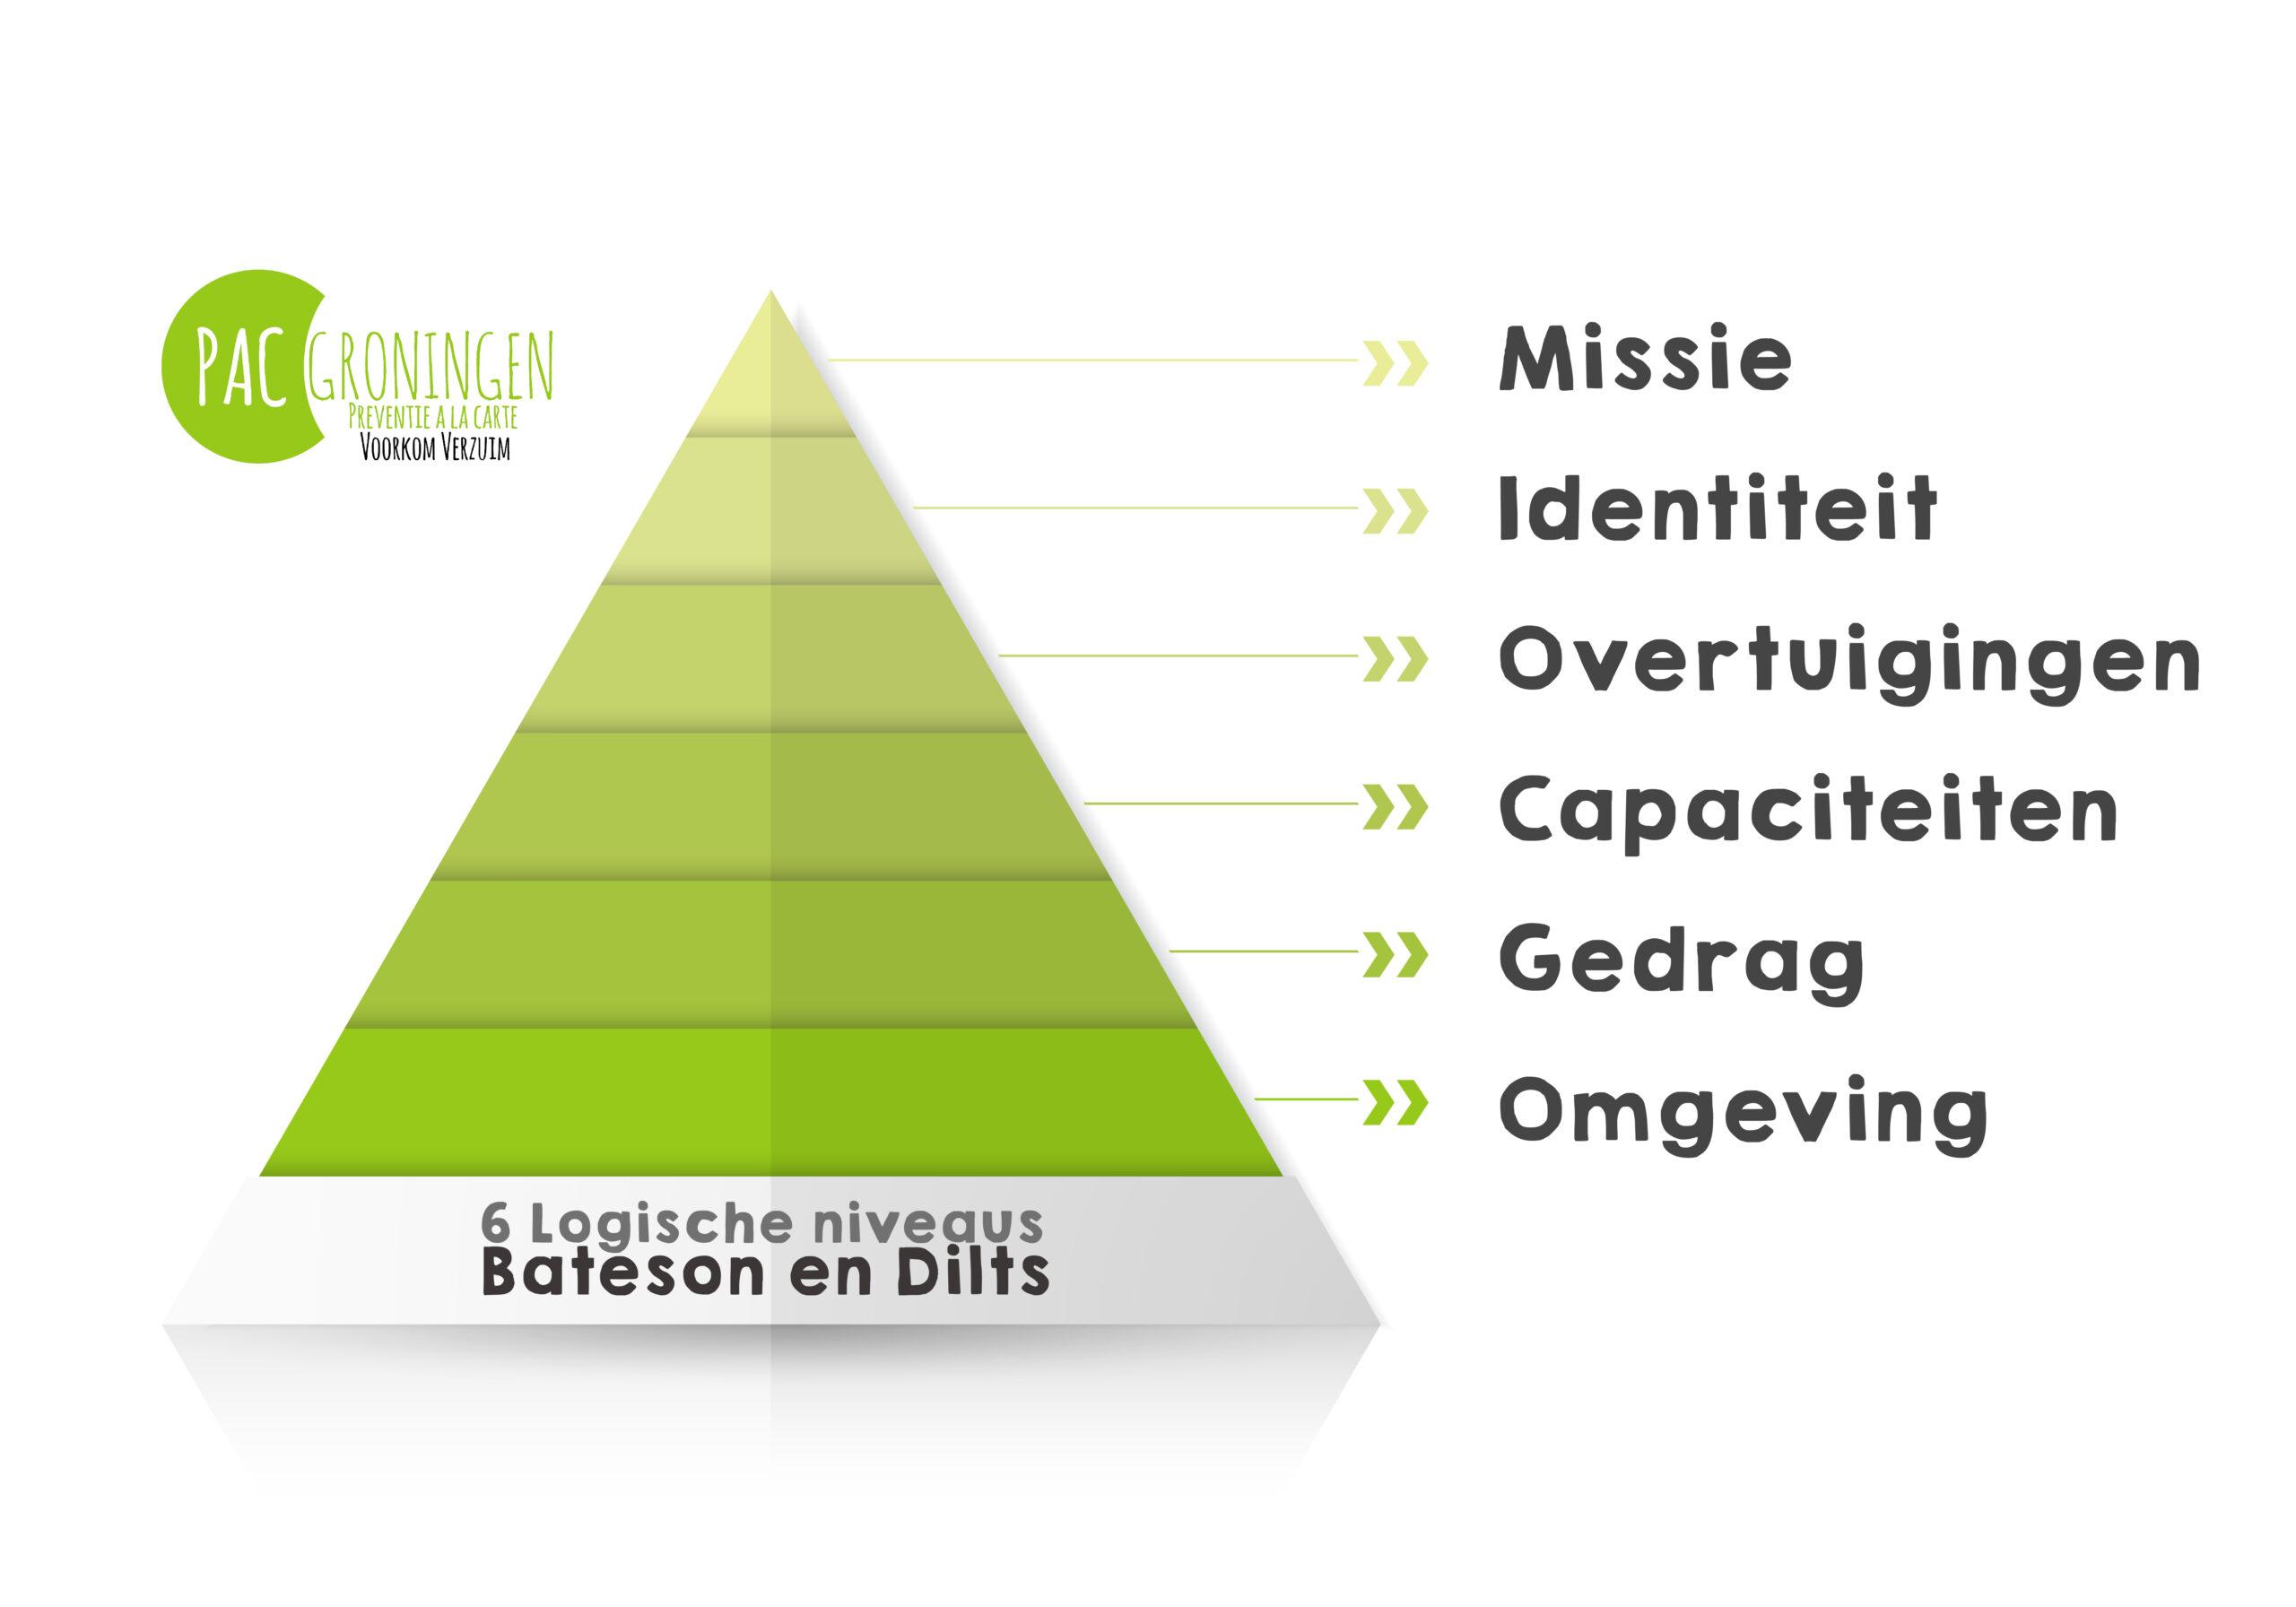 Bateson en Dilts nederlands